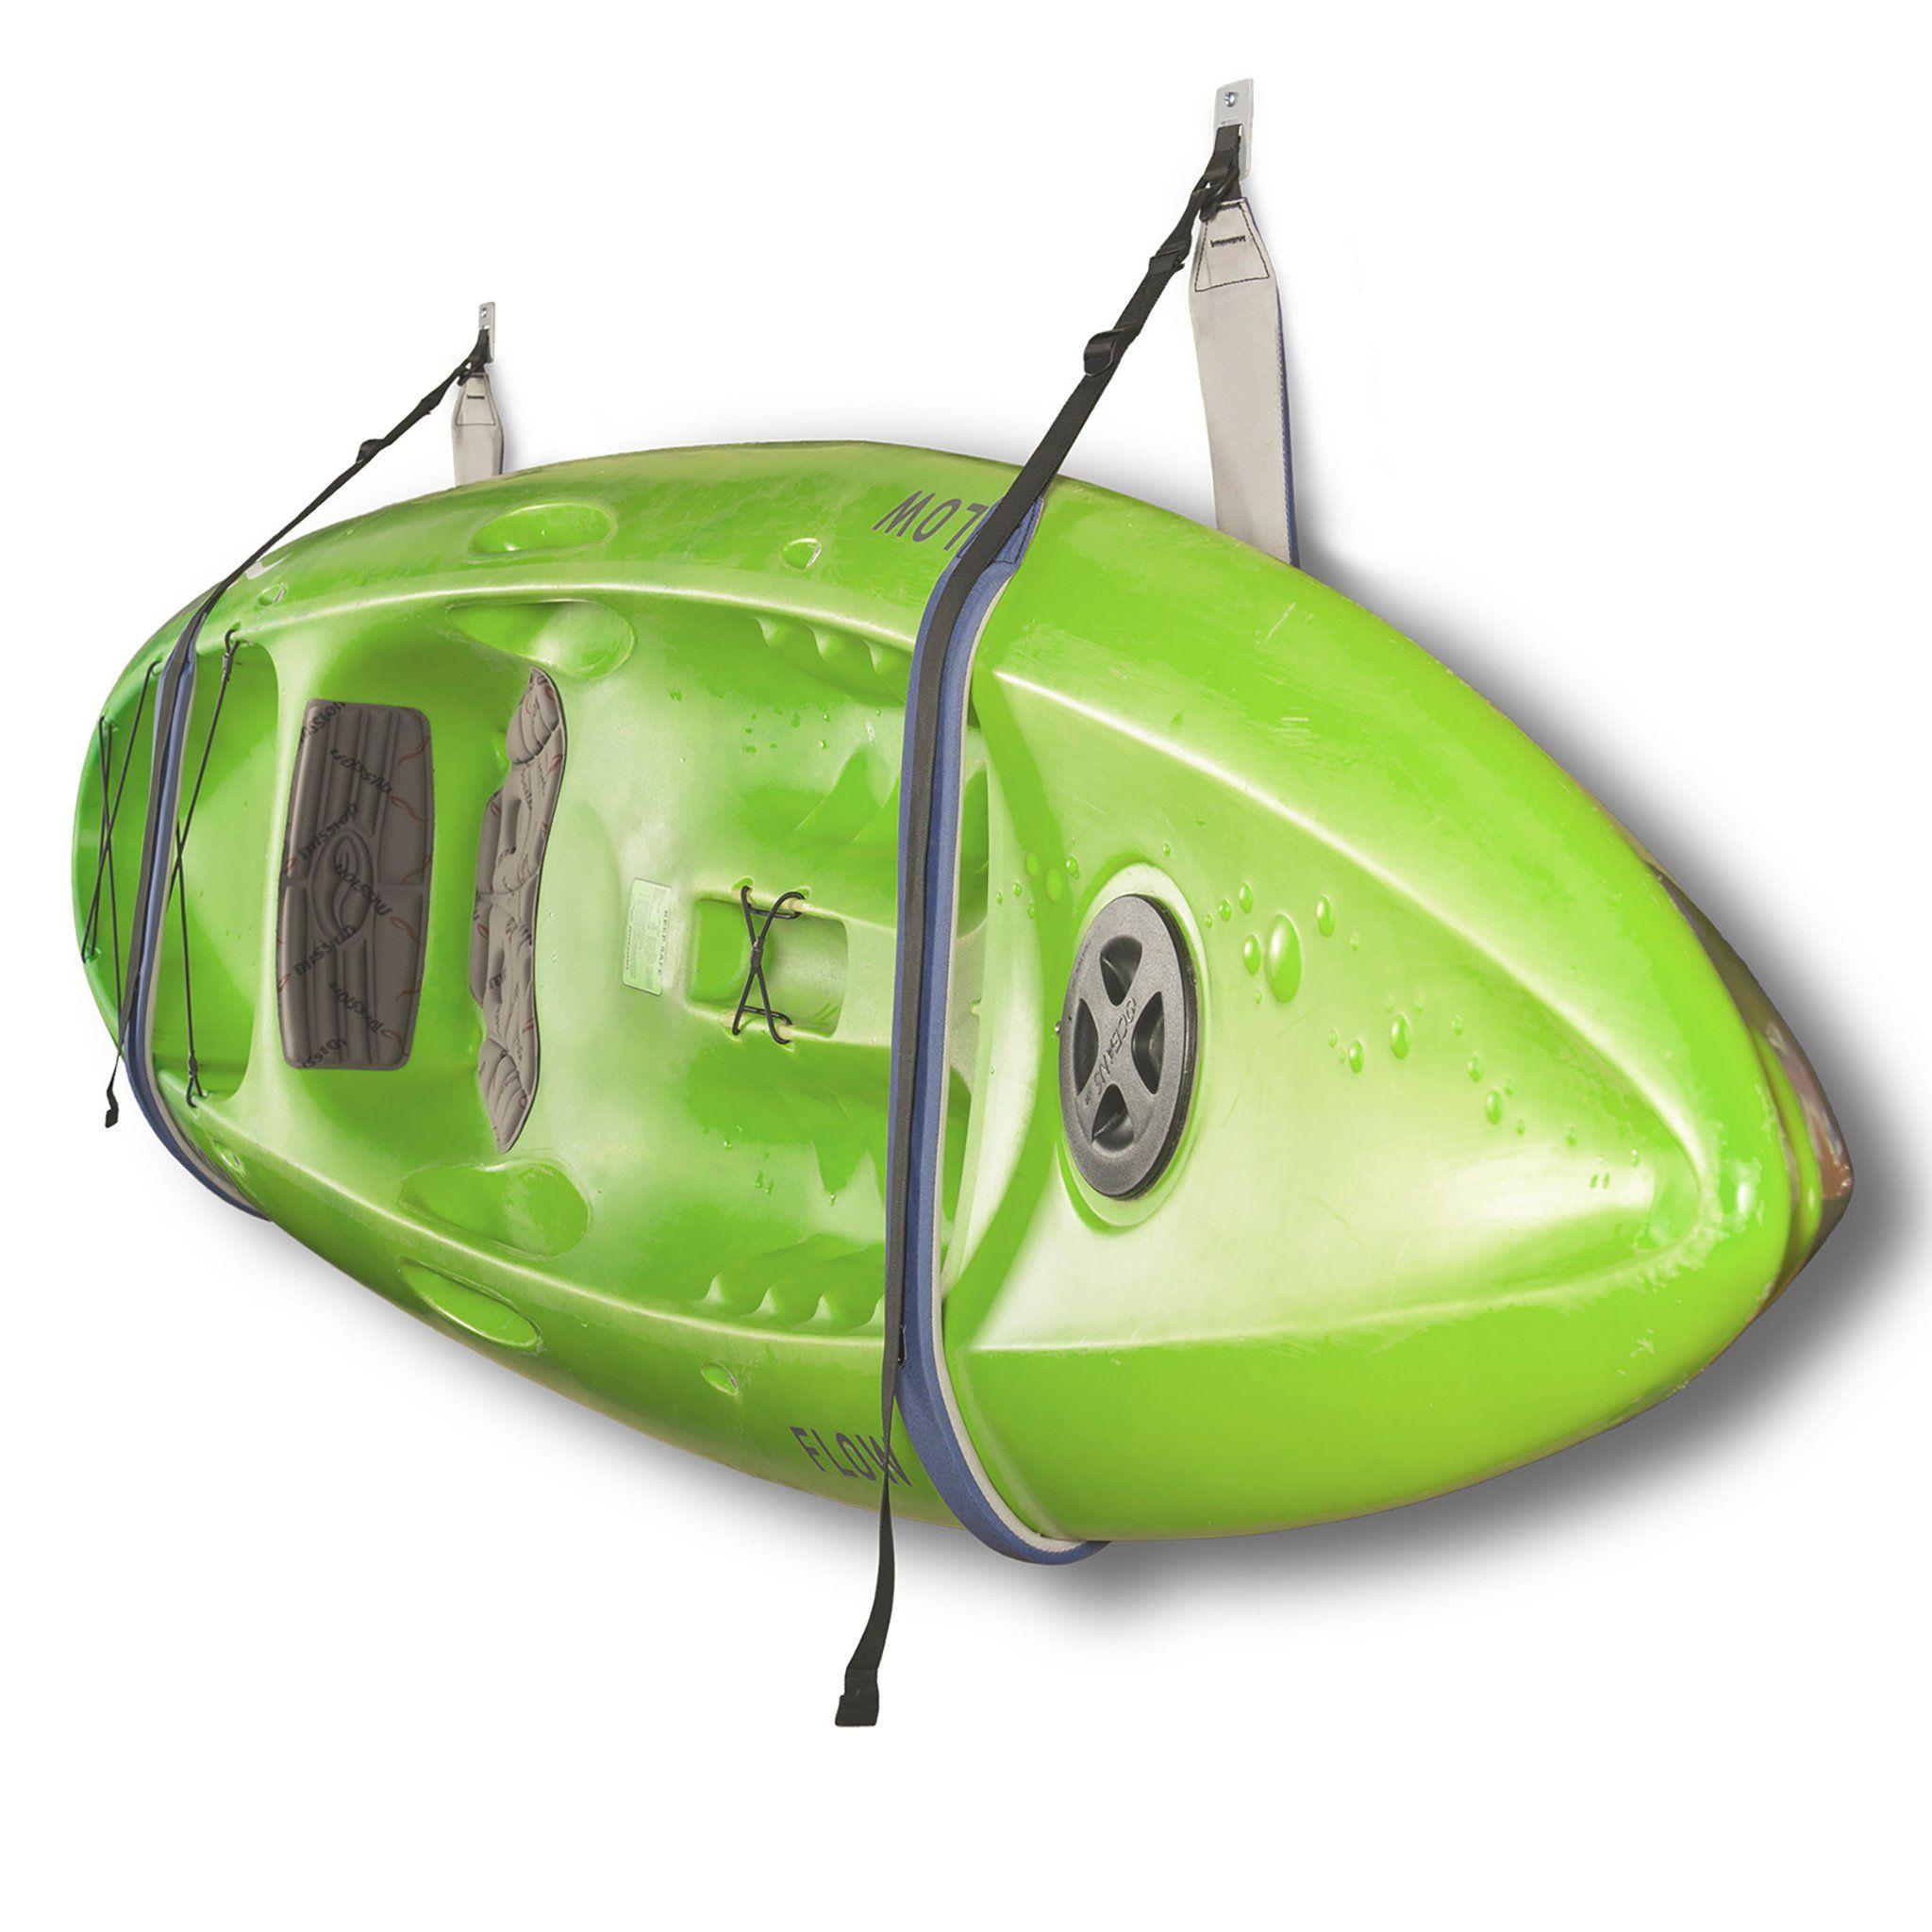 Kayak Storage, Kayak Storage Rack